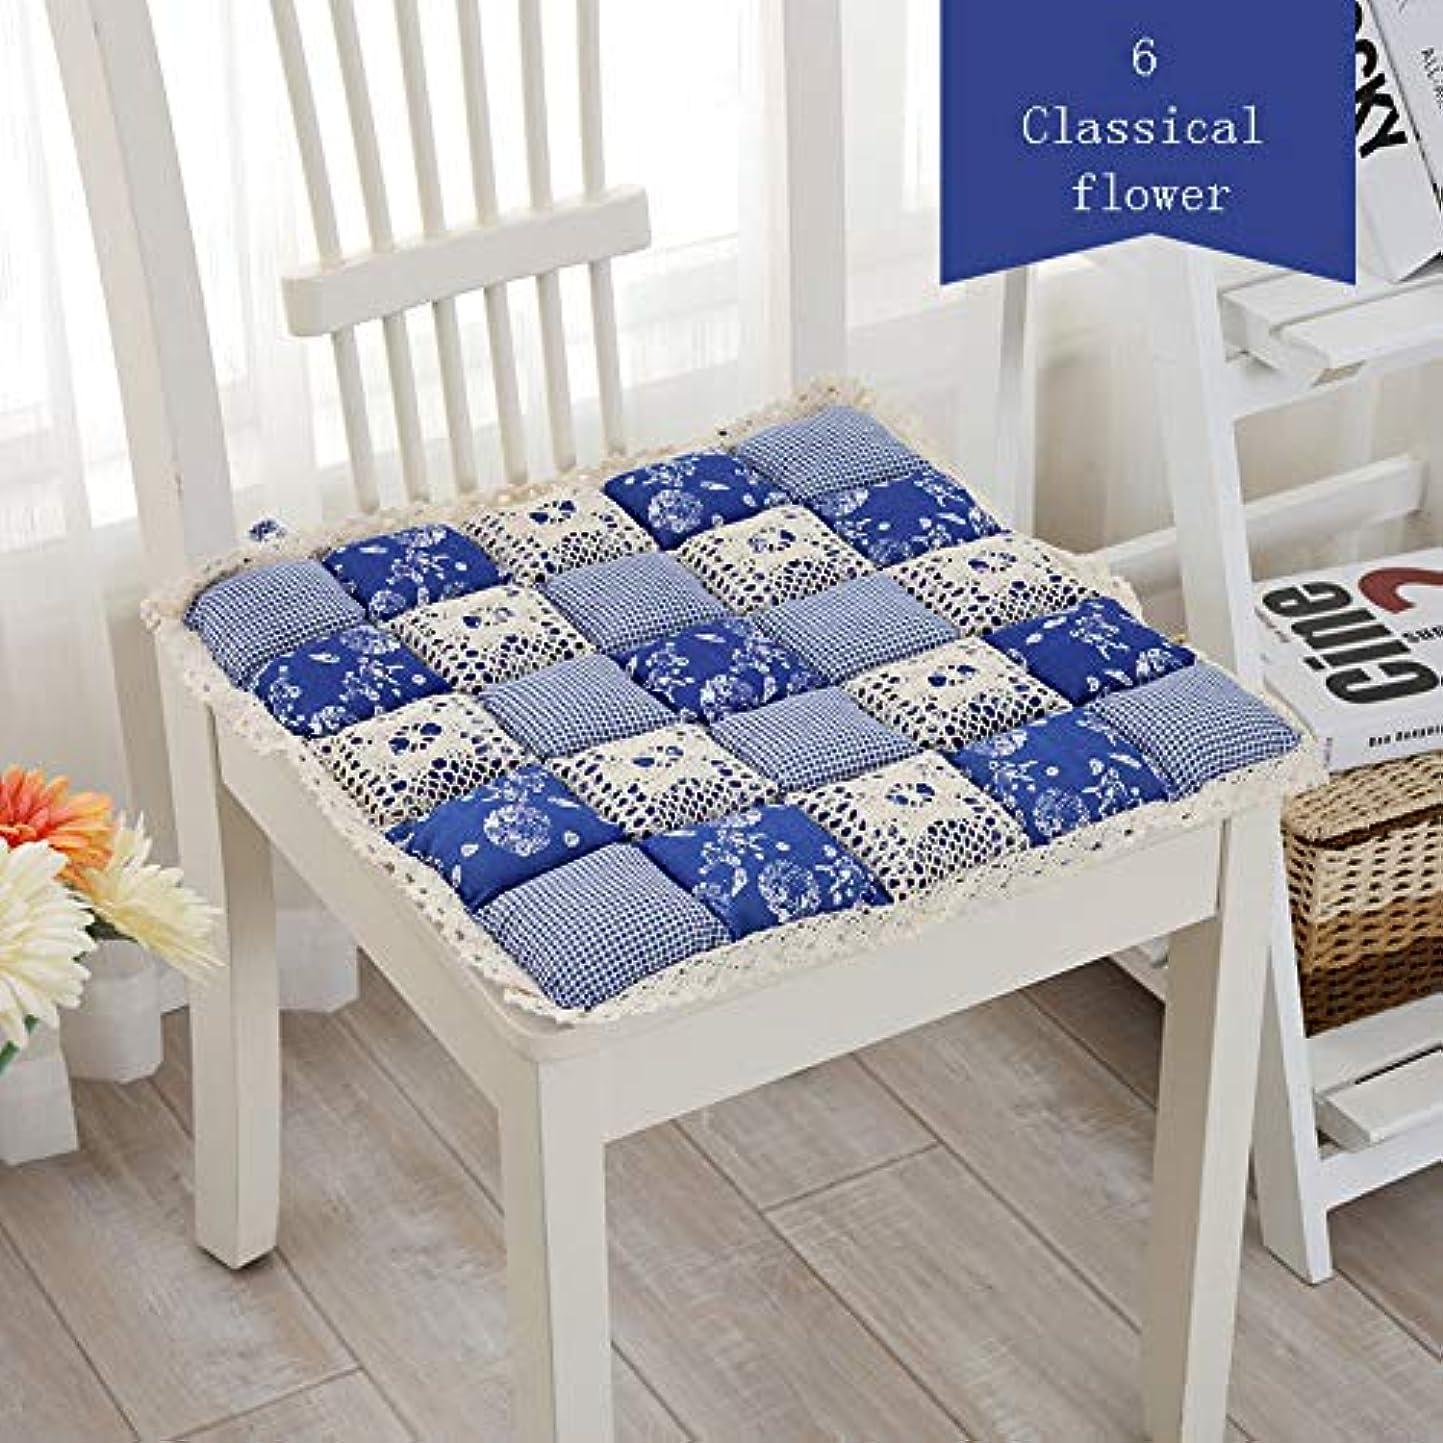 アンケート音労働者LIFE 1 個抗褥瘡綿椅子クッション 24 色ファッションオフィス正方形クッション学生チェアクッション家の装飾厚み クッション 椅子